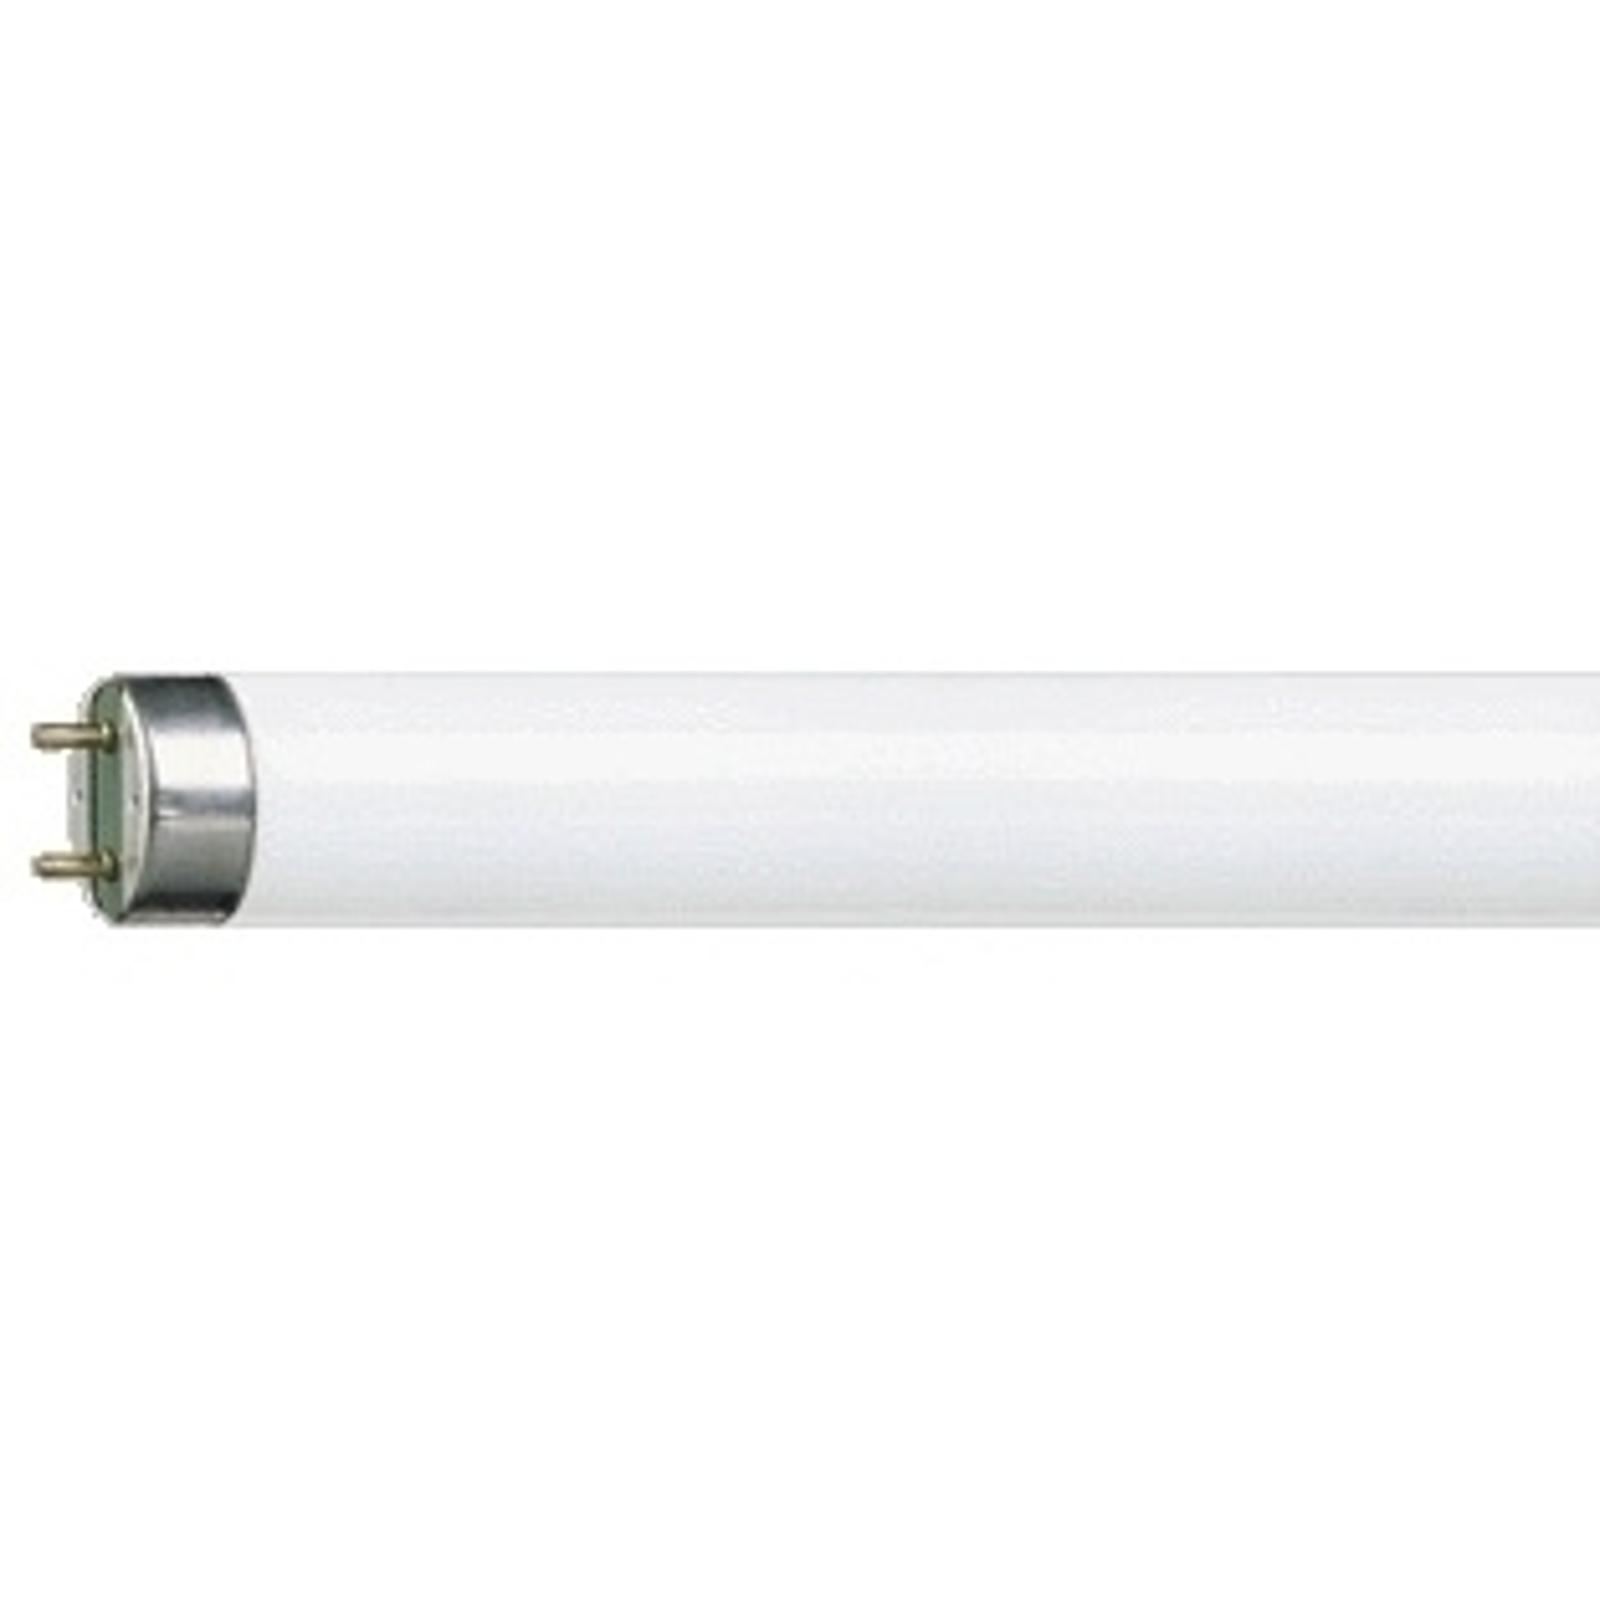 Leuchtstoffröhre G13 T8 23W MASTER TL-D Super 840